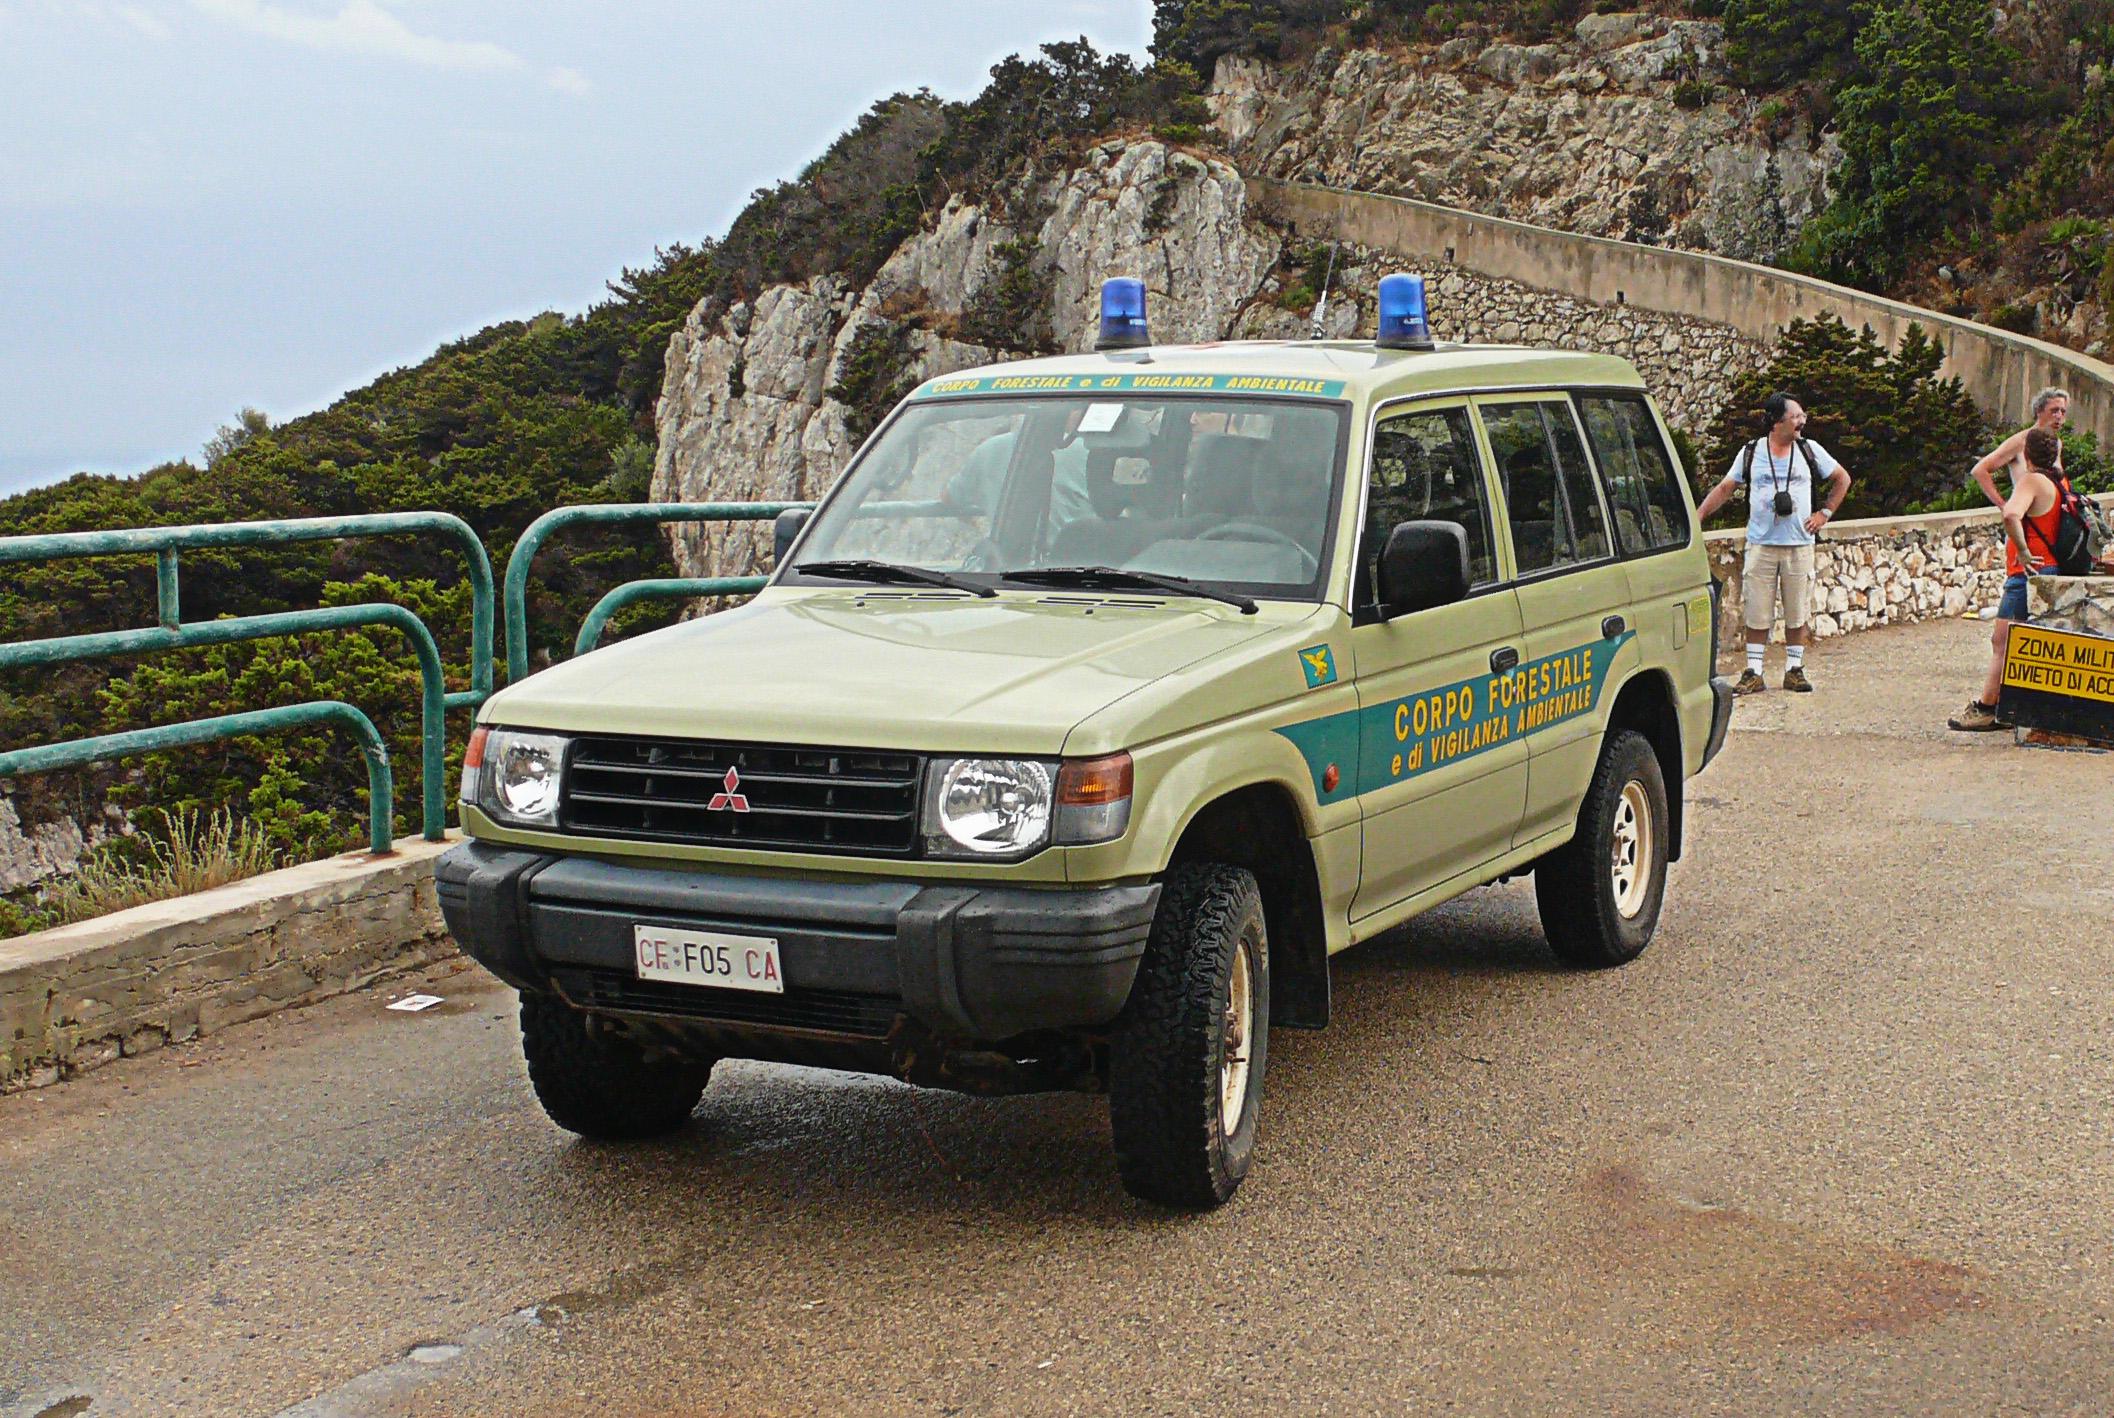 Fuoristrada del Corpo forestale e di vigilanza ambientale della Sardegna.jpg